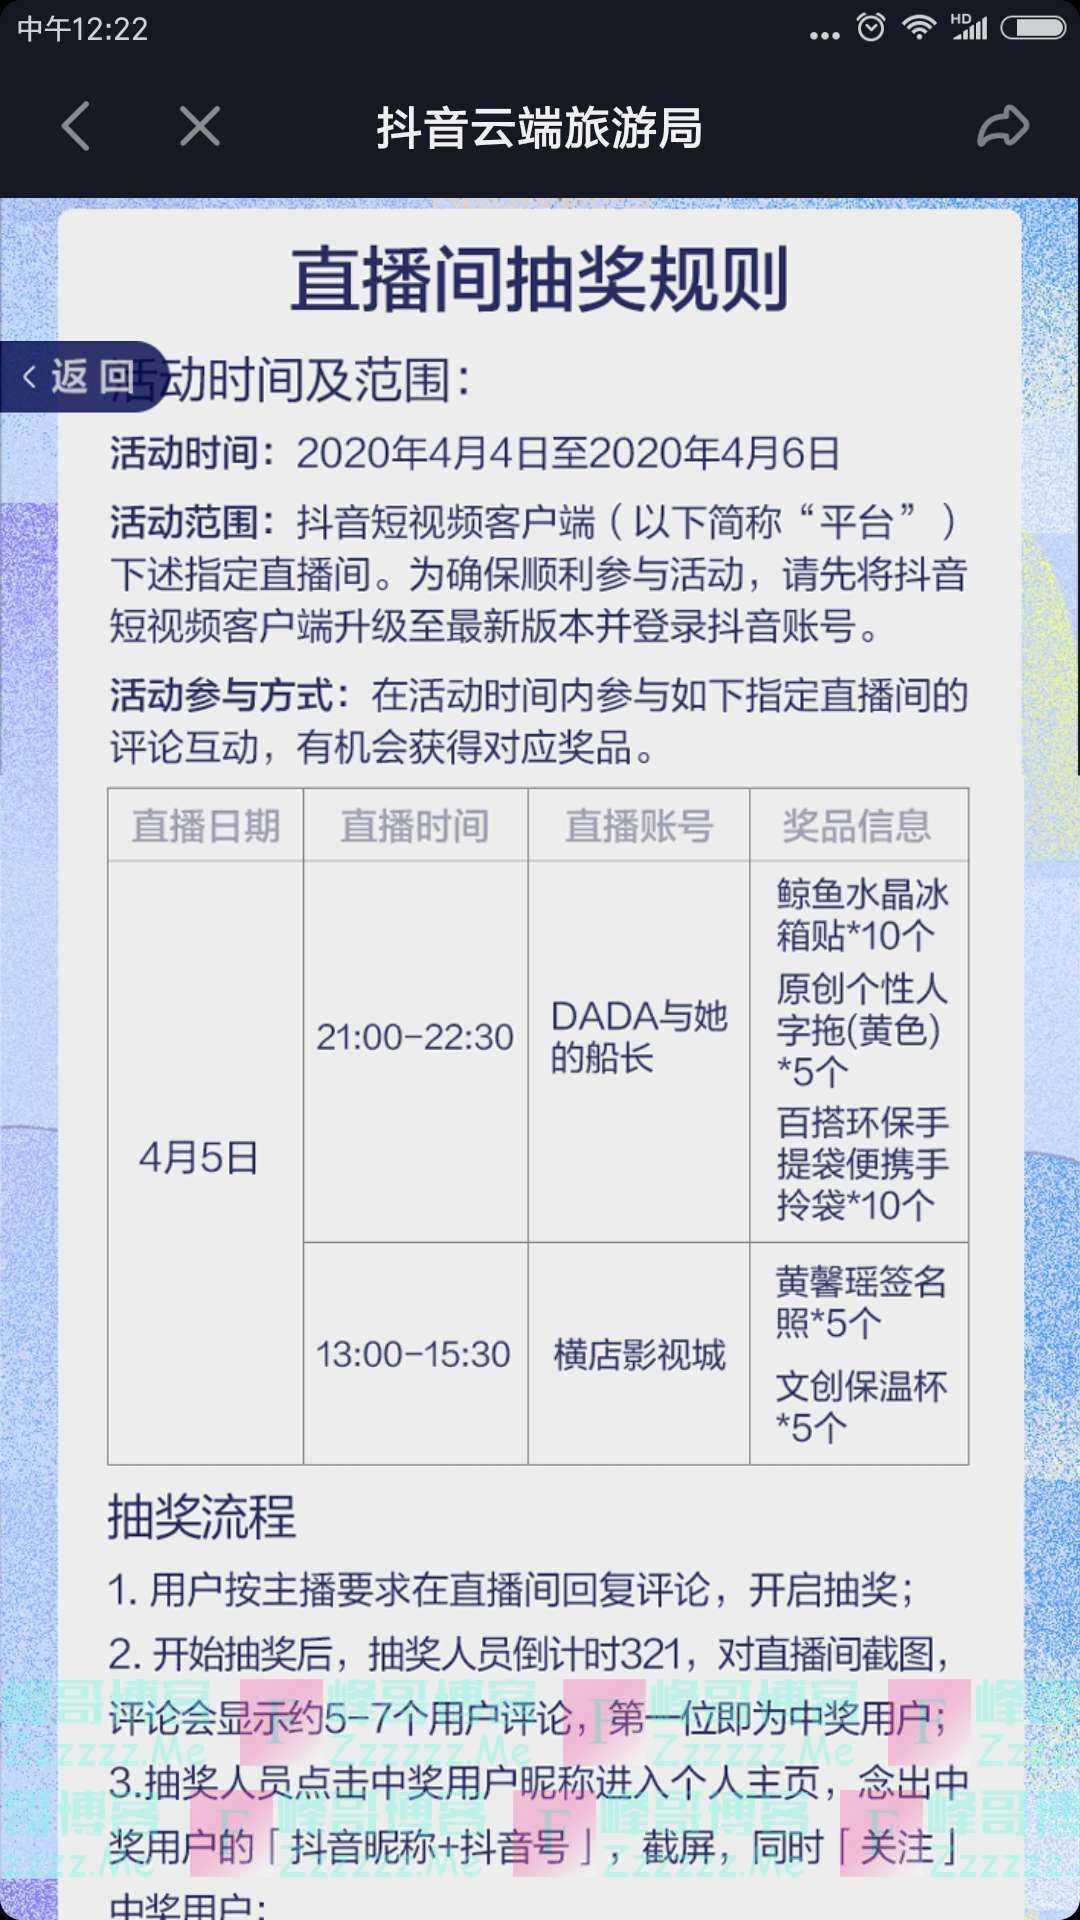 抖音云端旅游局 直播抽奖(截止4月6日)